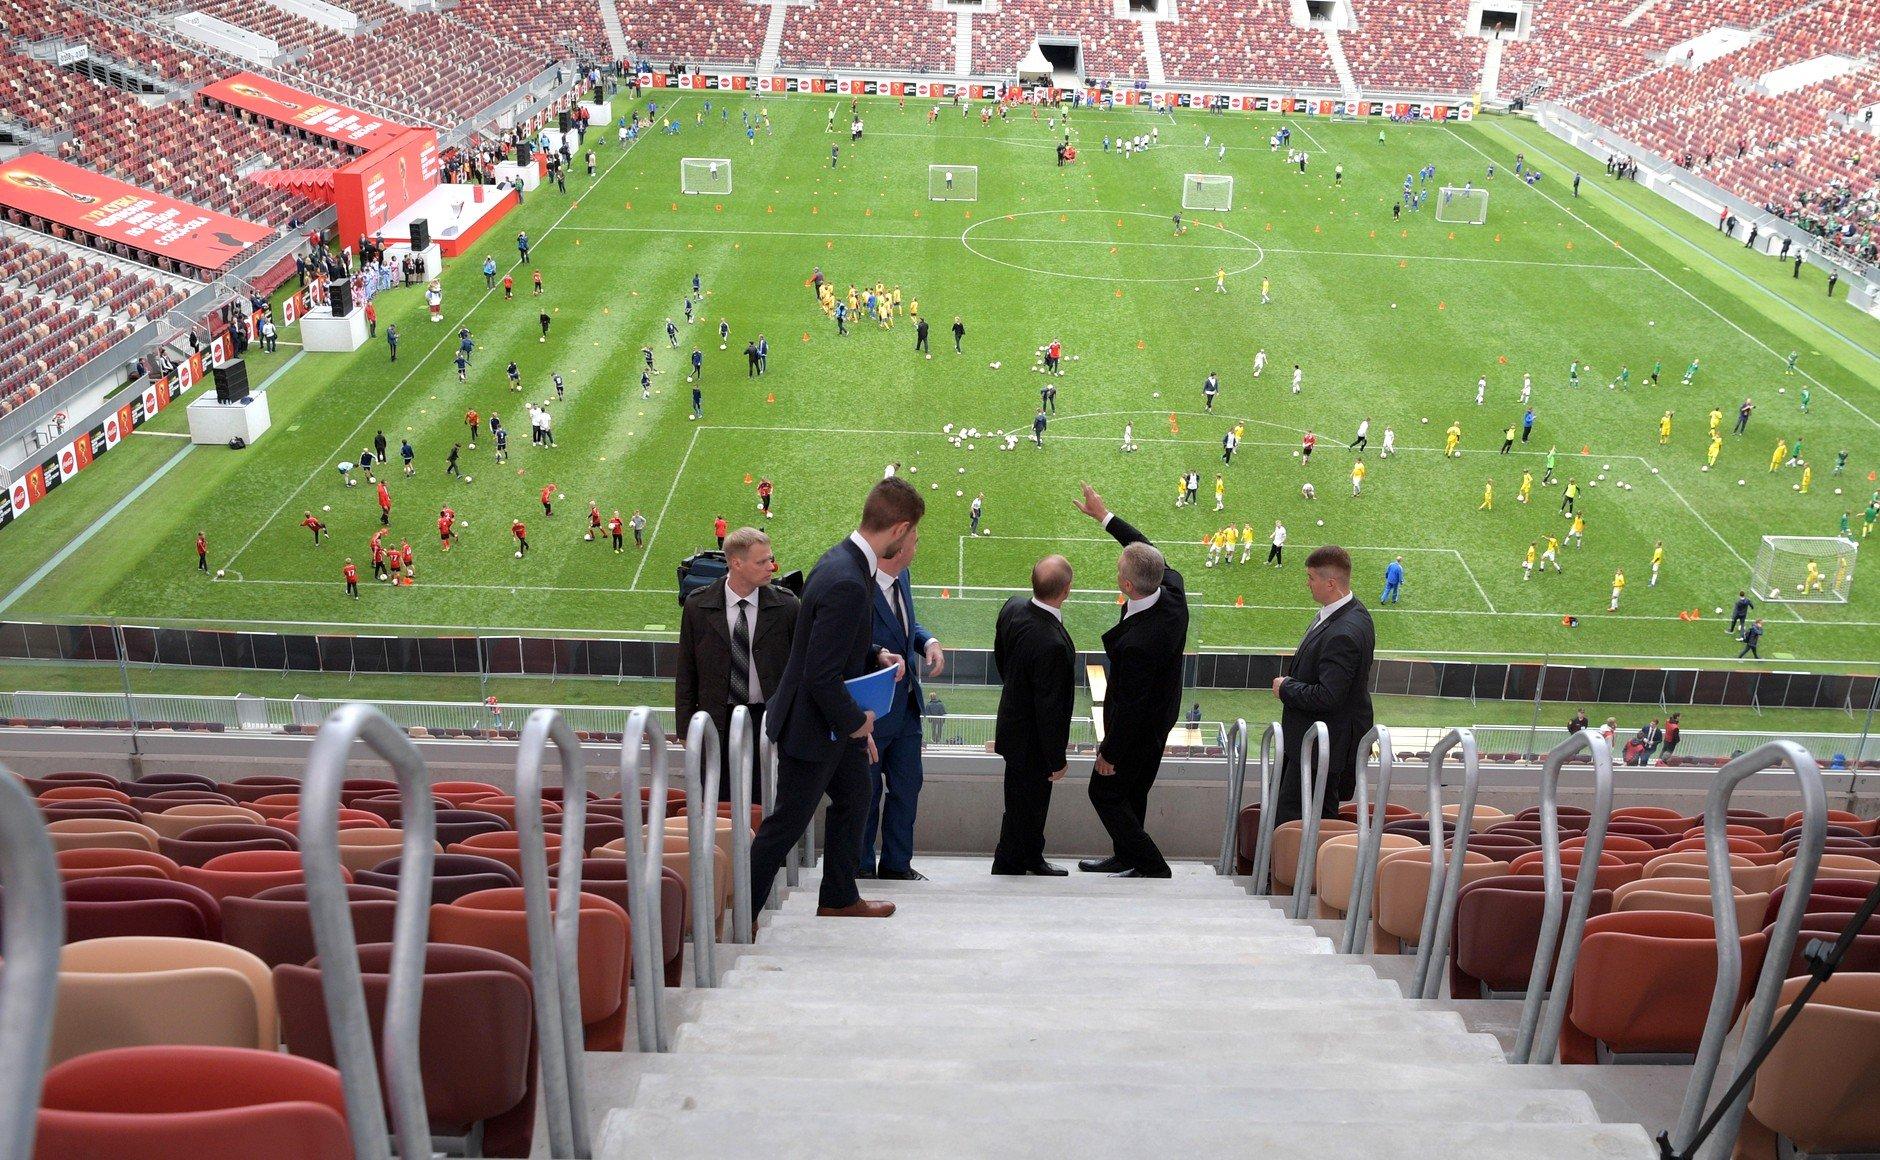 Около 600 волонтеров помогут зрителям матча РФ - Бразилия оперативно покинуть стадион